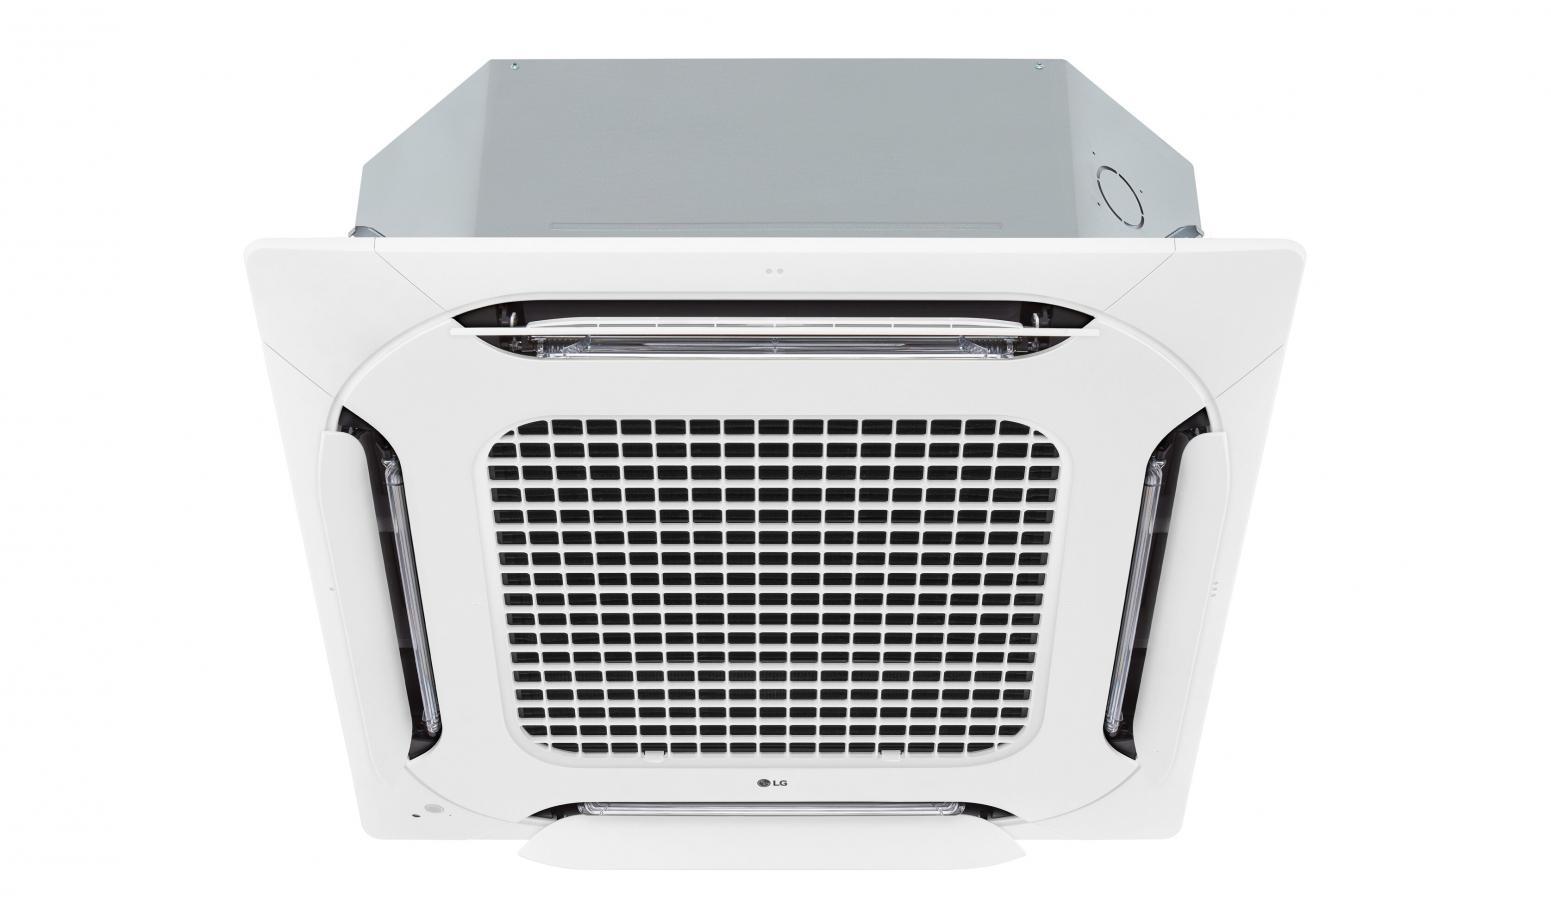 Το σύστημα καθαρισμού αέρα 5 βημάτων της LG έχει αναγνωριστεί από την TÜV Rheinland και το British Allergy Foundation